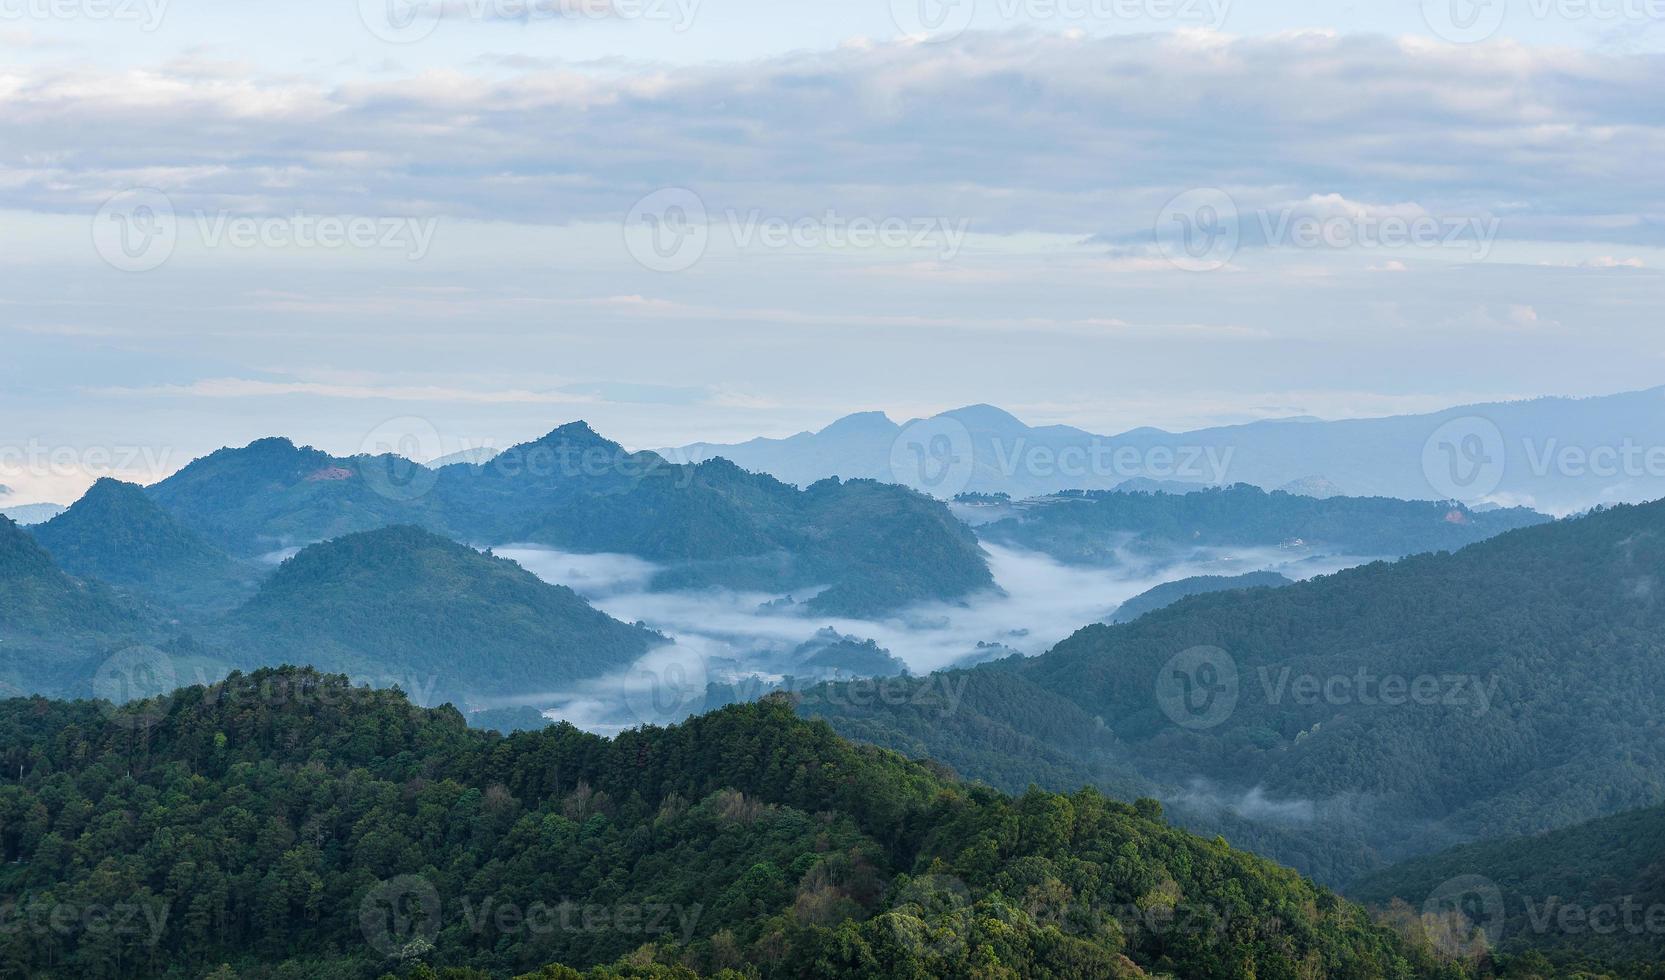 nebbia e nuvola paesaggio montano valle foto